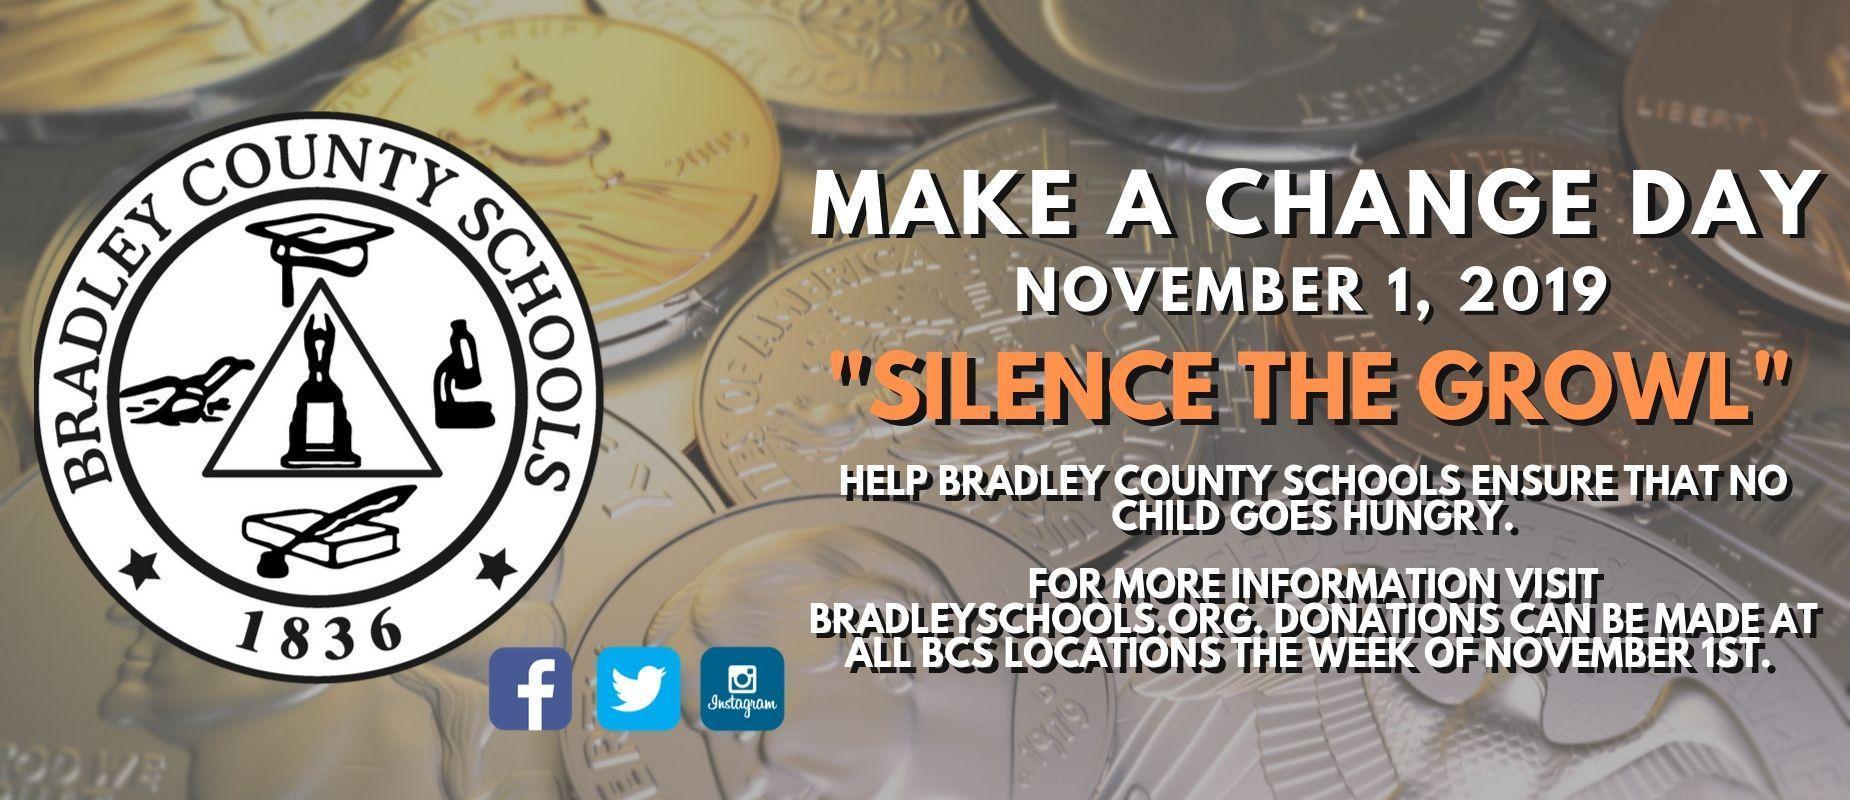 Make A Change Day